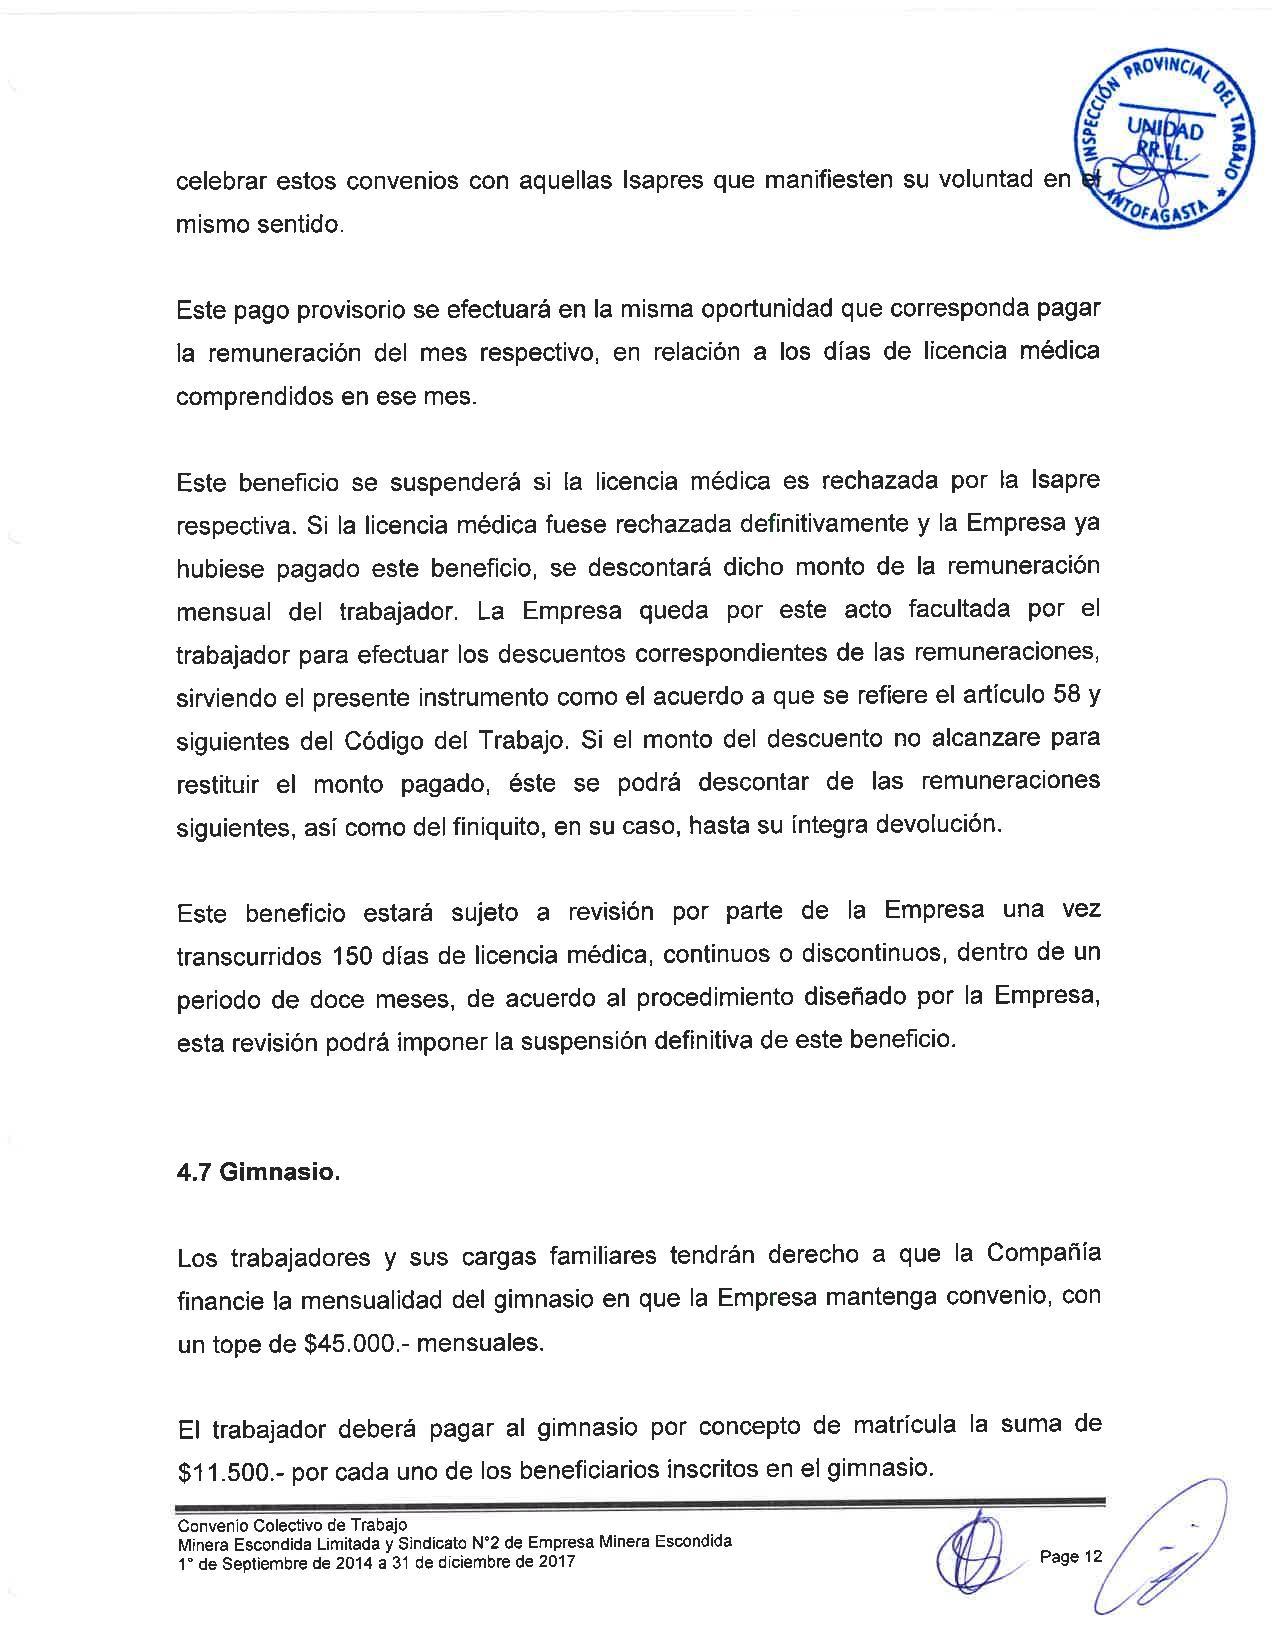 Página (12).jpg